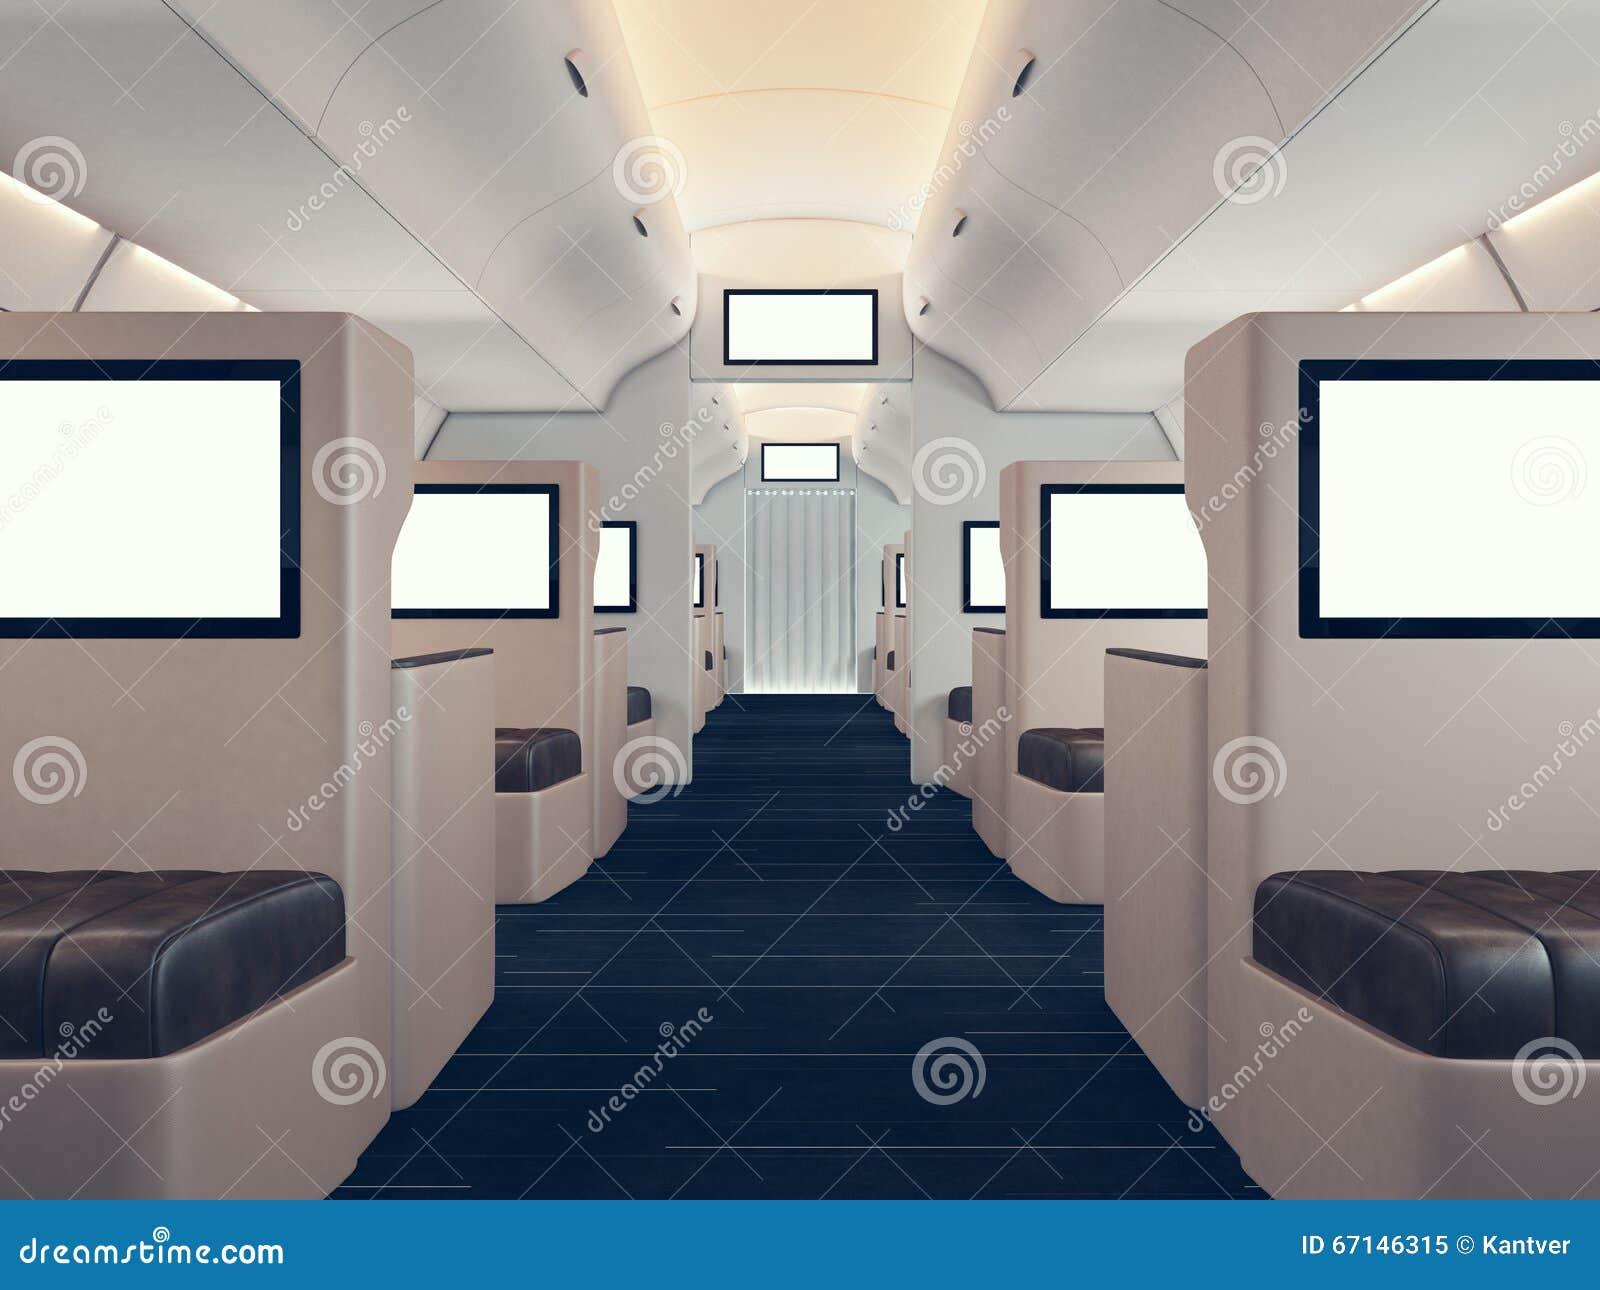 Les avions de luxe fashion designs for Avion de luxe interieur